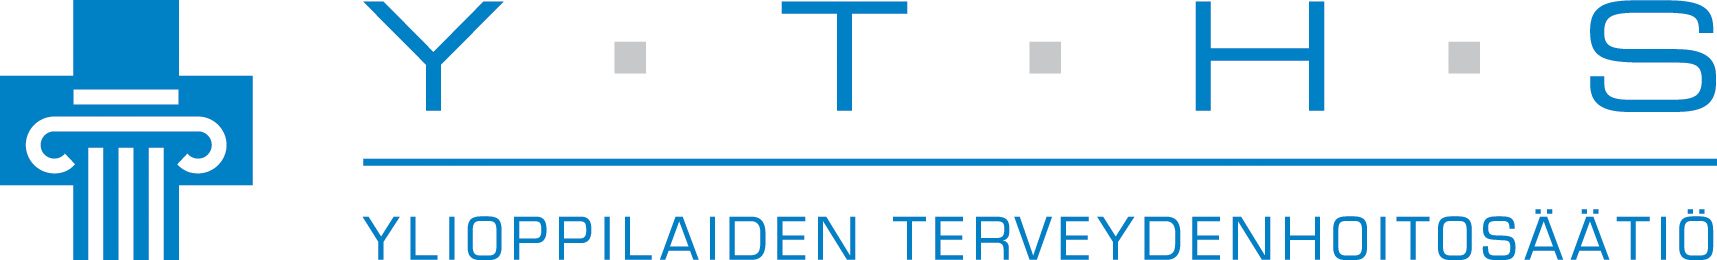 Ylioppilaiden terveydenhoitosäätiö (SHVS) logo